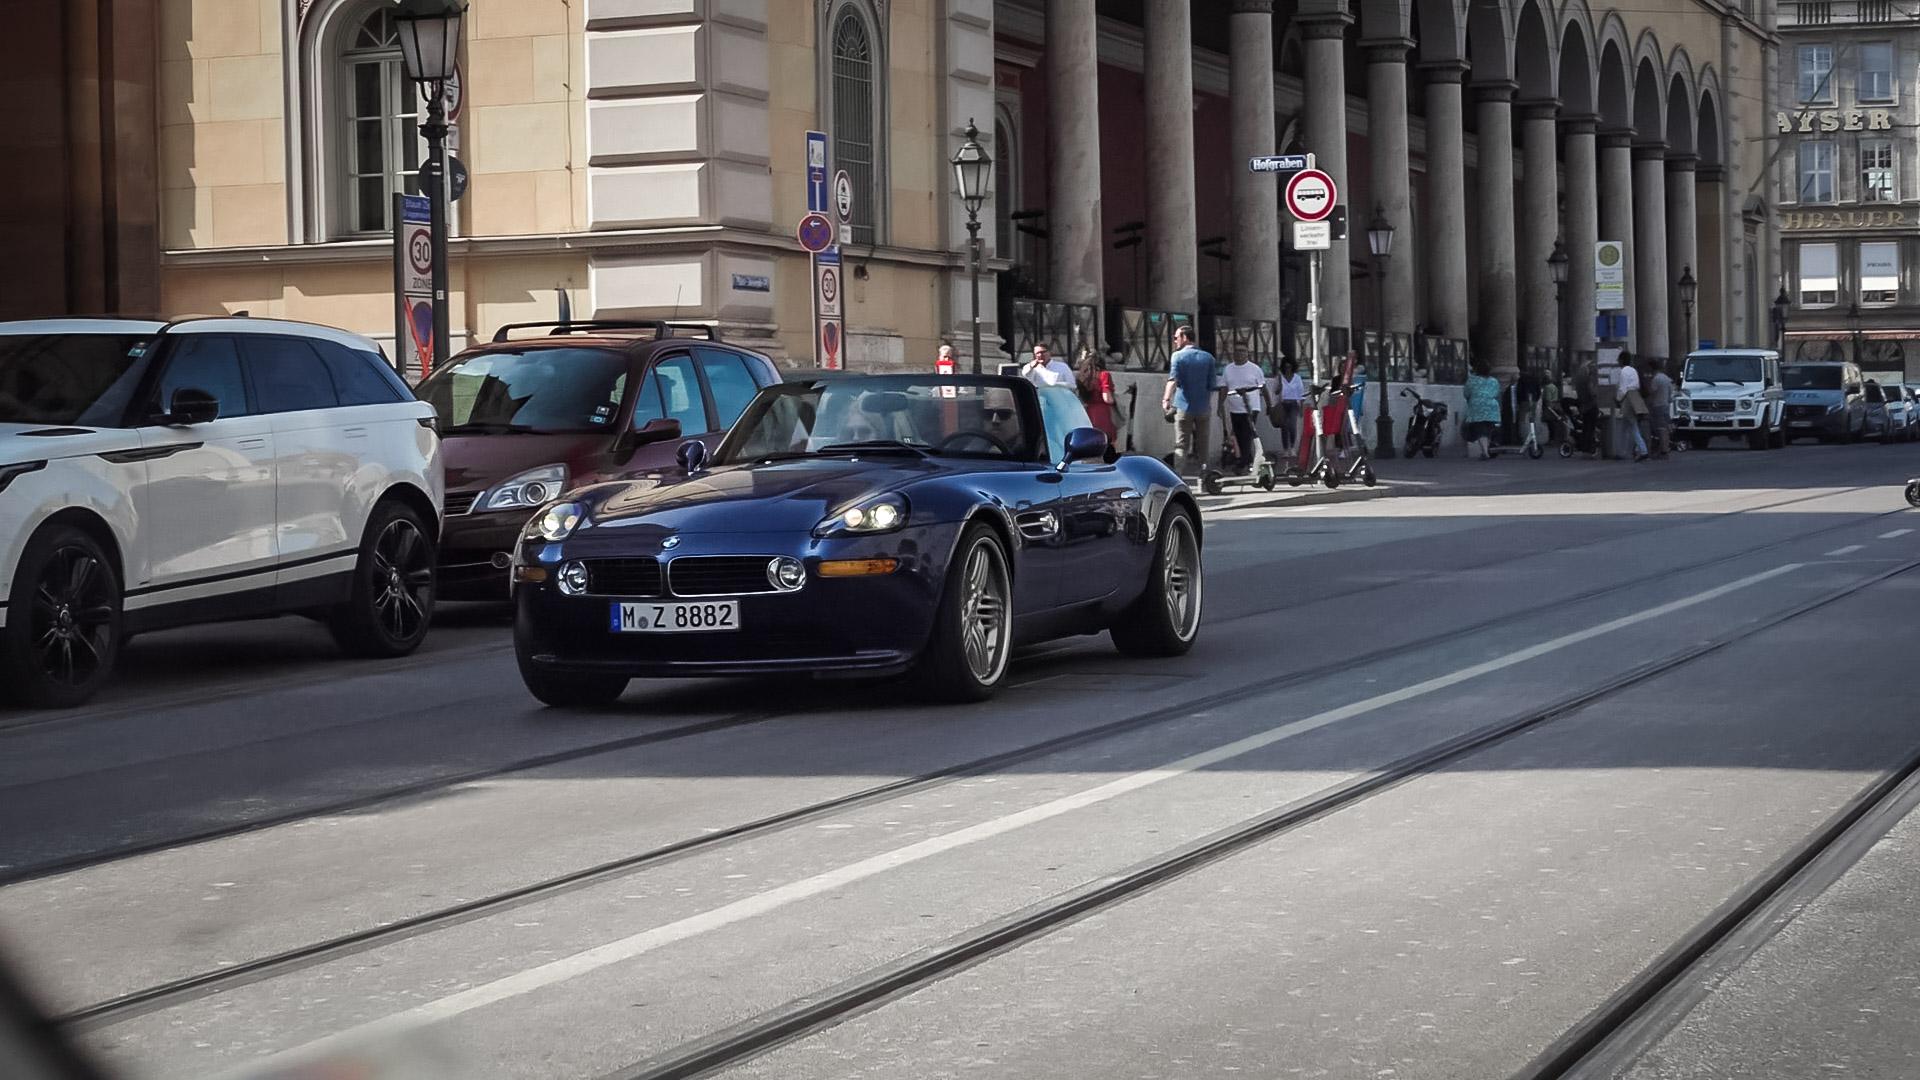 BMW Z8 - M-Z-8882